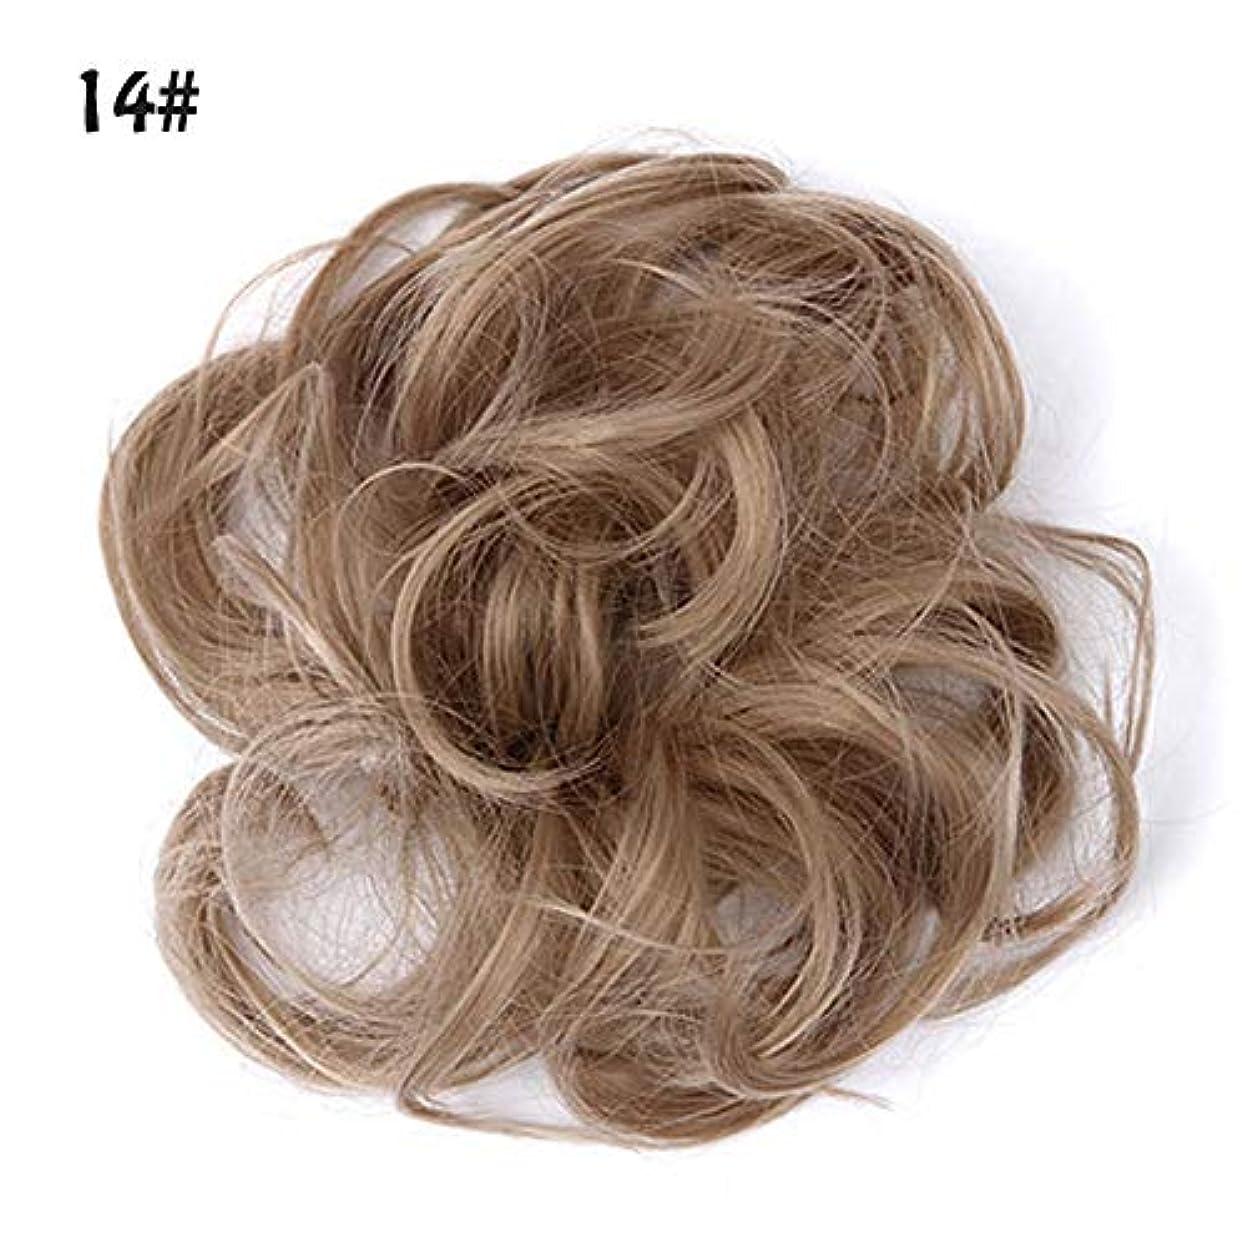 コーンウォール自分のオーディション乱雑な髪のお団子シュシュの拡張機能、ポニーテールシニョンドーナツアップ、女性用カーリー波状リボンアクセサリー